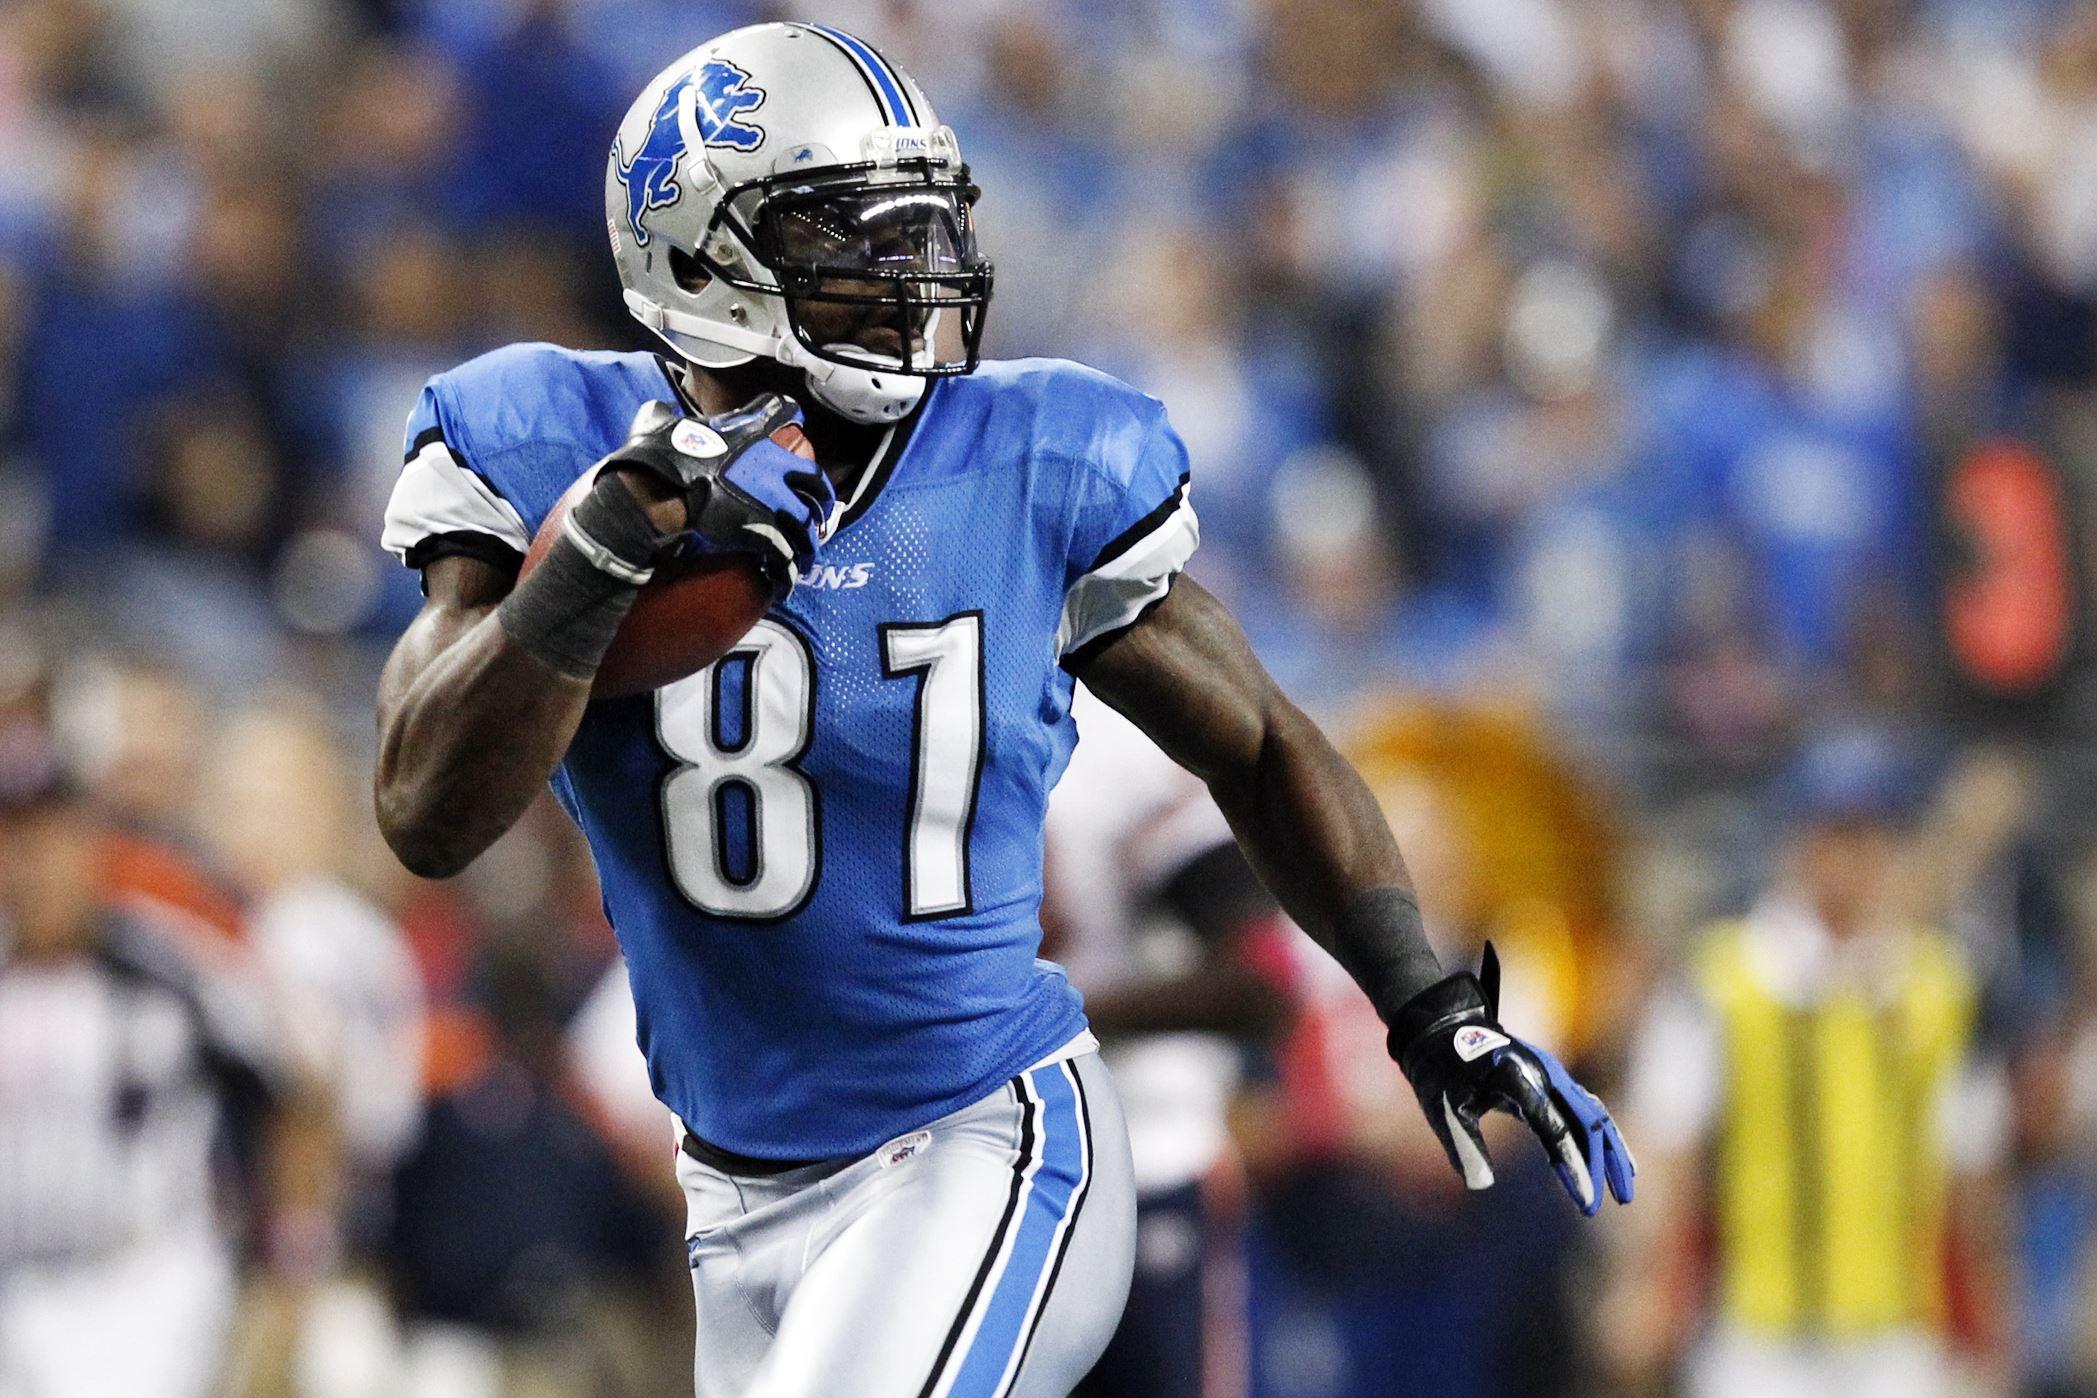 Detroit Lions: Wide Receiver Calvin Johnson